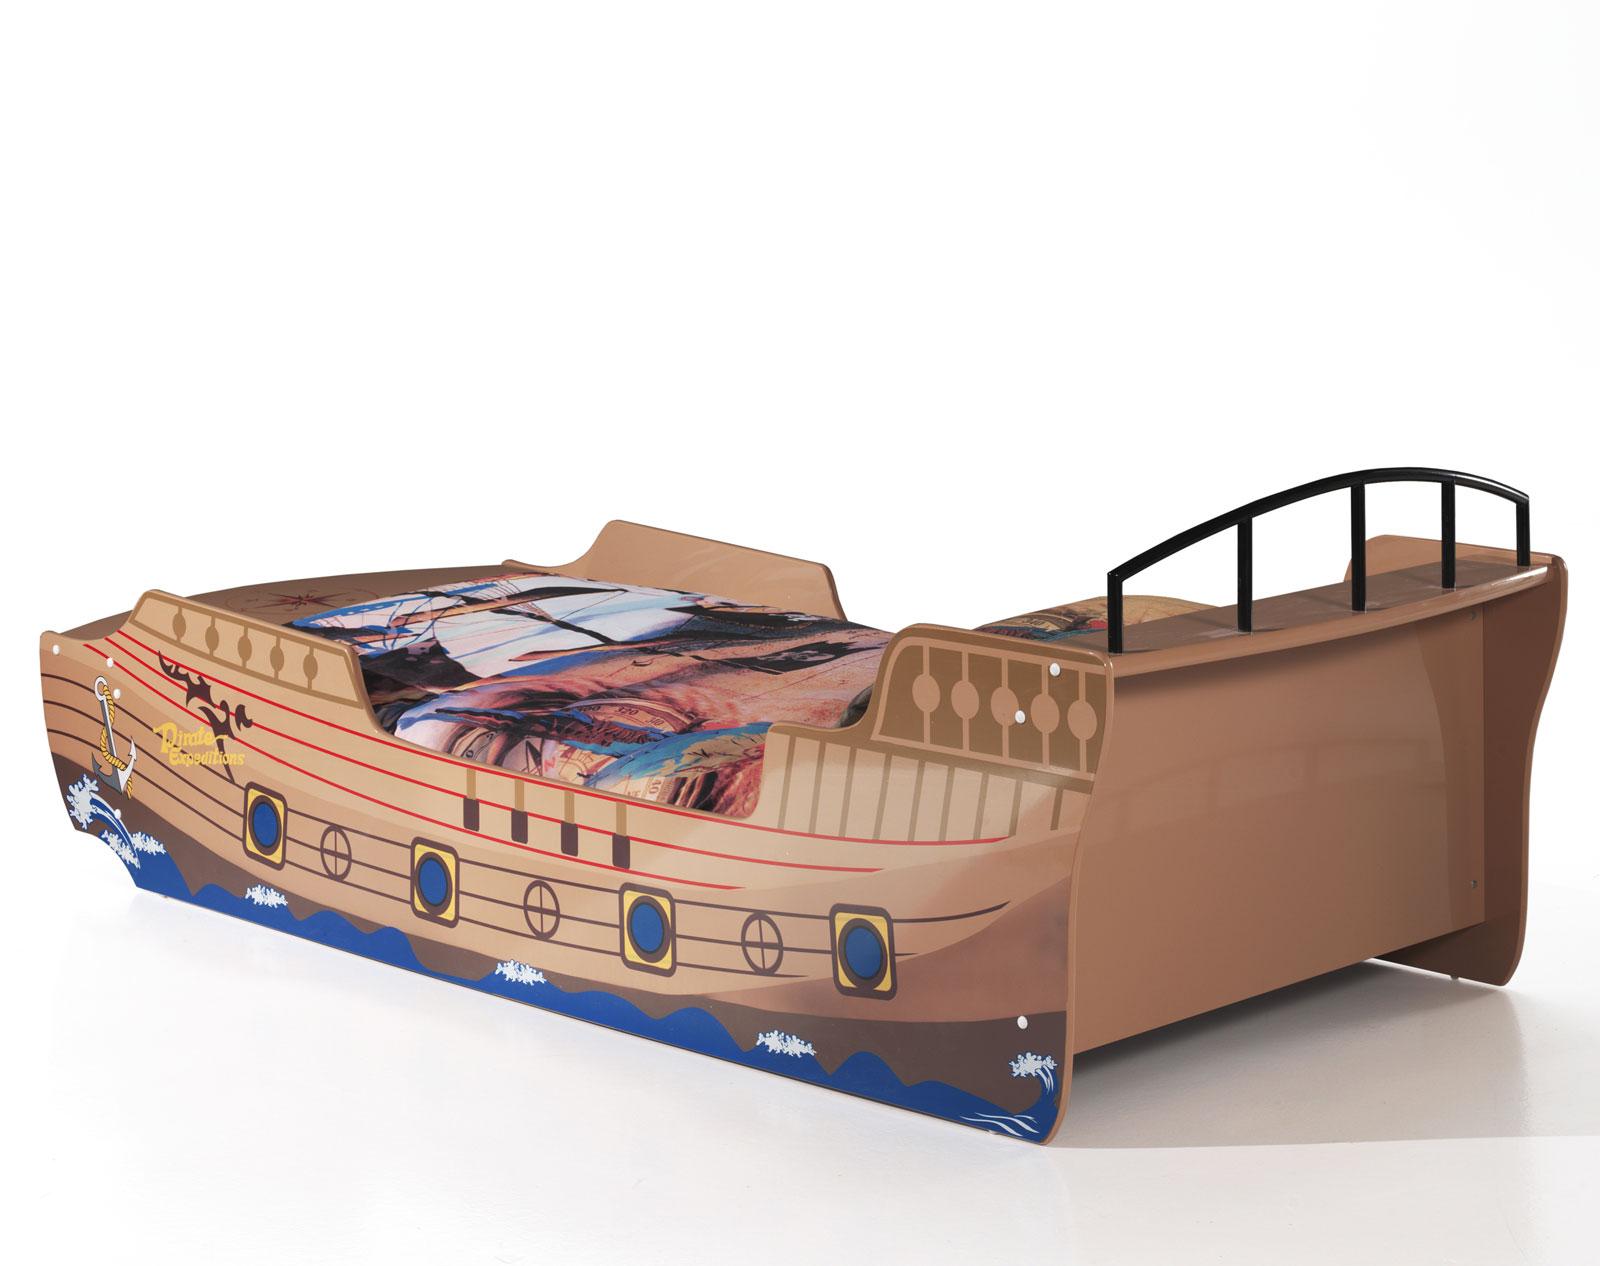 piratenschiff als bett mit lattenrost f r kinder kaufen. Black Bedroom Furniture Sets. Home Design Ideas